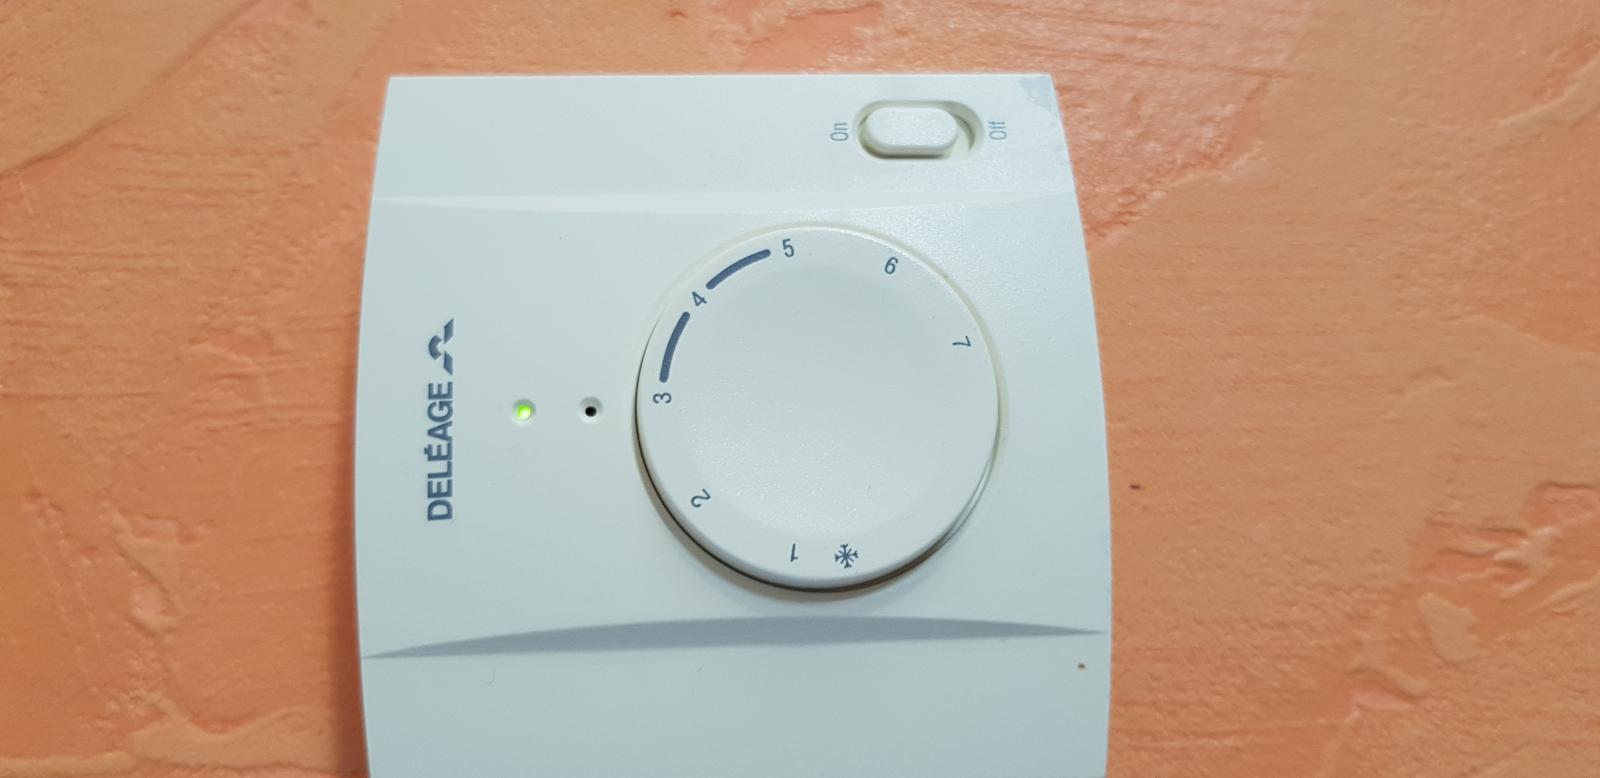 Probleme Thermostat Plancher Chauffant Electrique